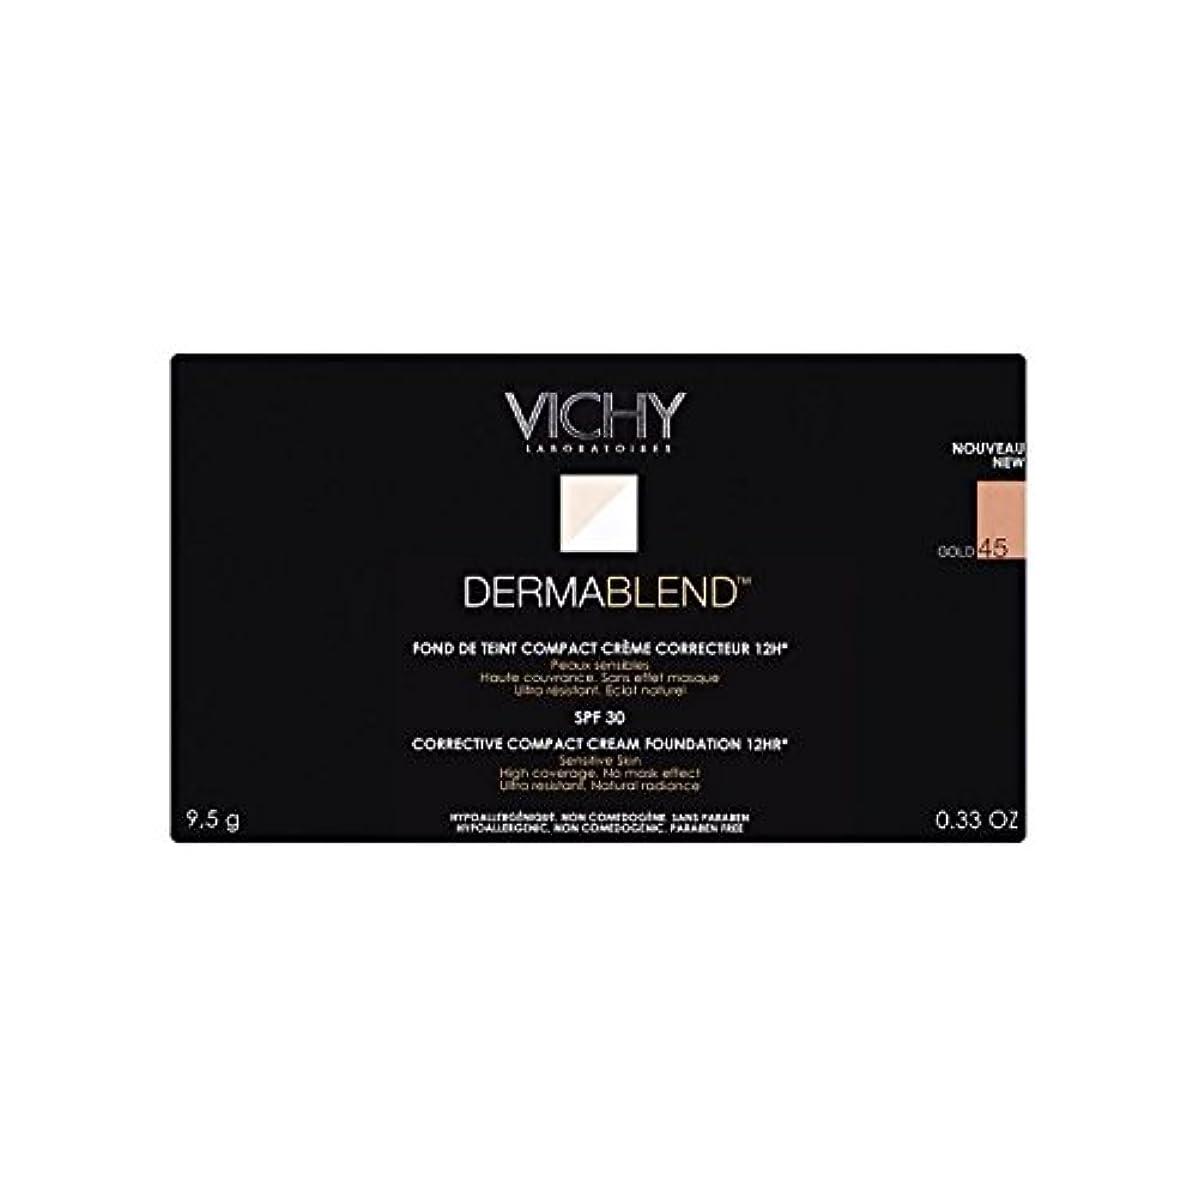 敷居雇う腐ったVichy Dermablend Corrective Compact Cream Foundation Gold 45 (Pack of 6) - ヴィシー是正コンパクトクリームファンデーション金45 x6 [並行輸入品]